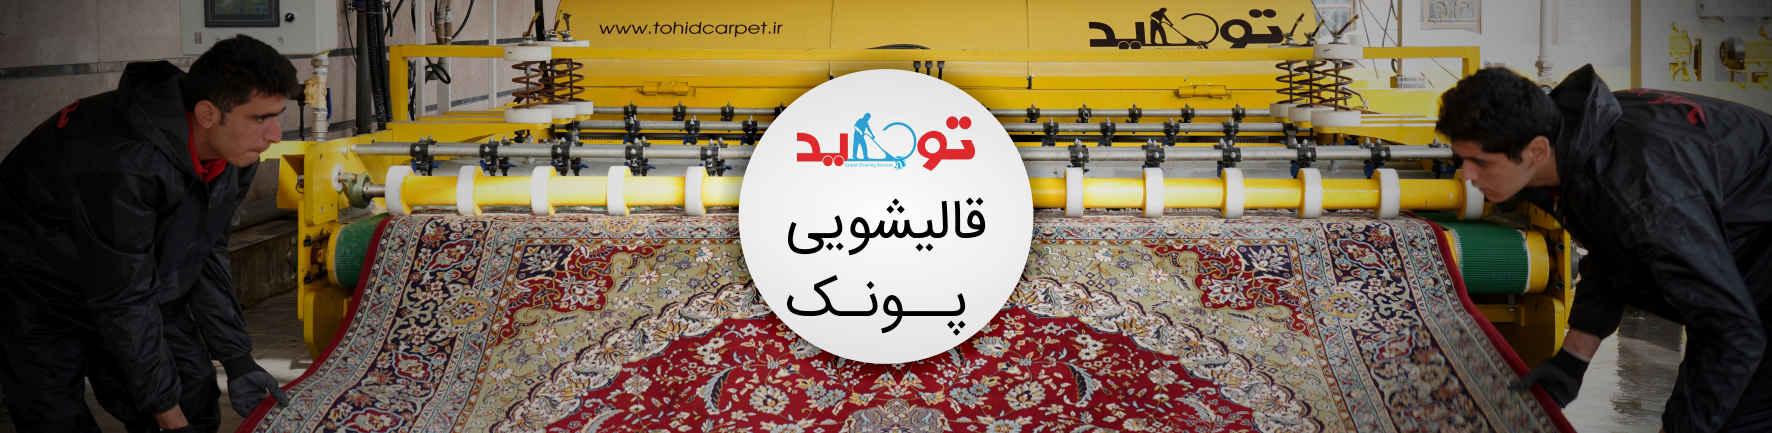 قالیشویی پونک